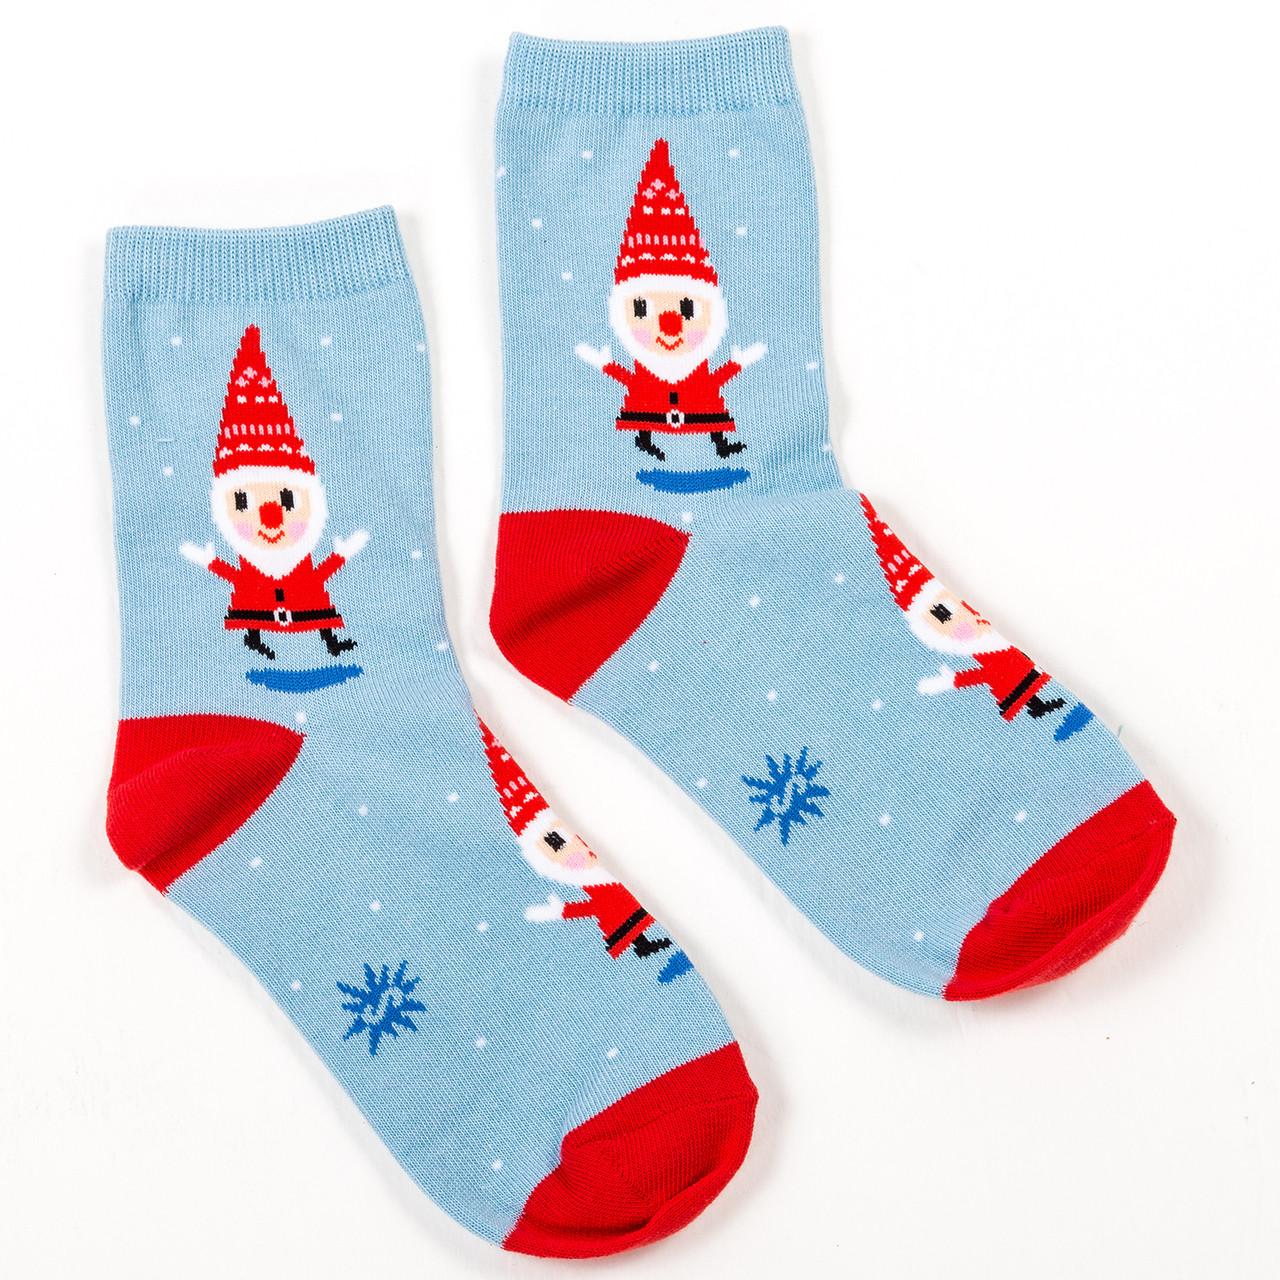 Socks Sizes To Shoe Size